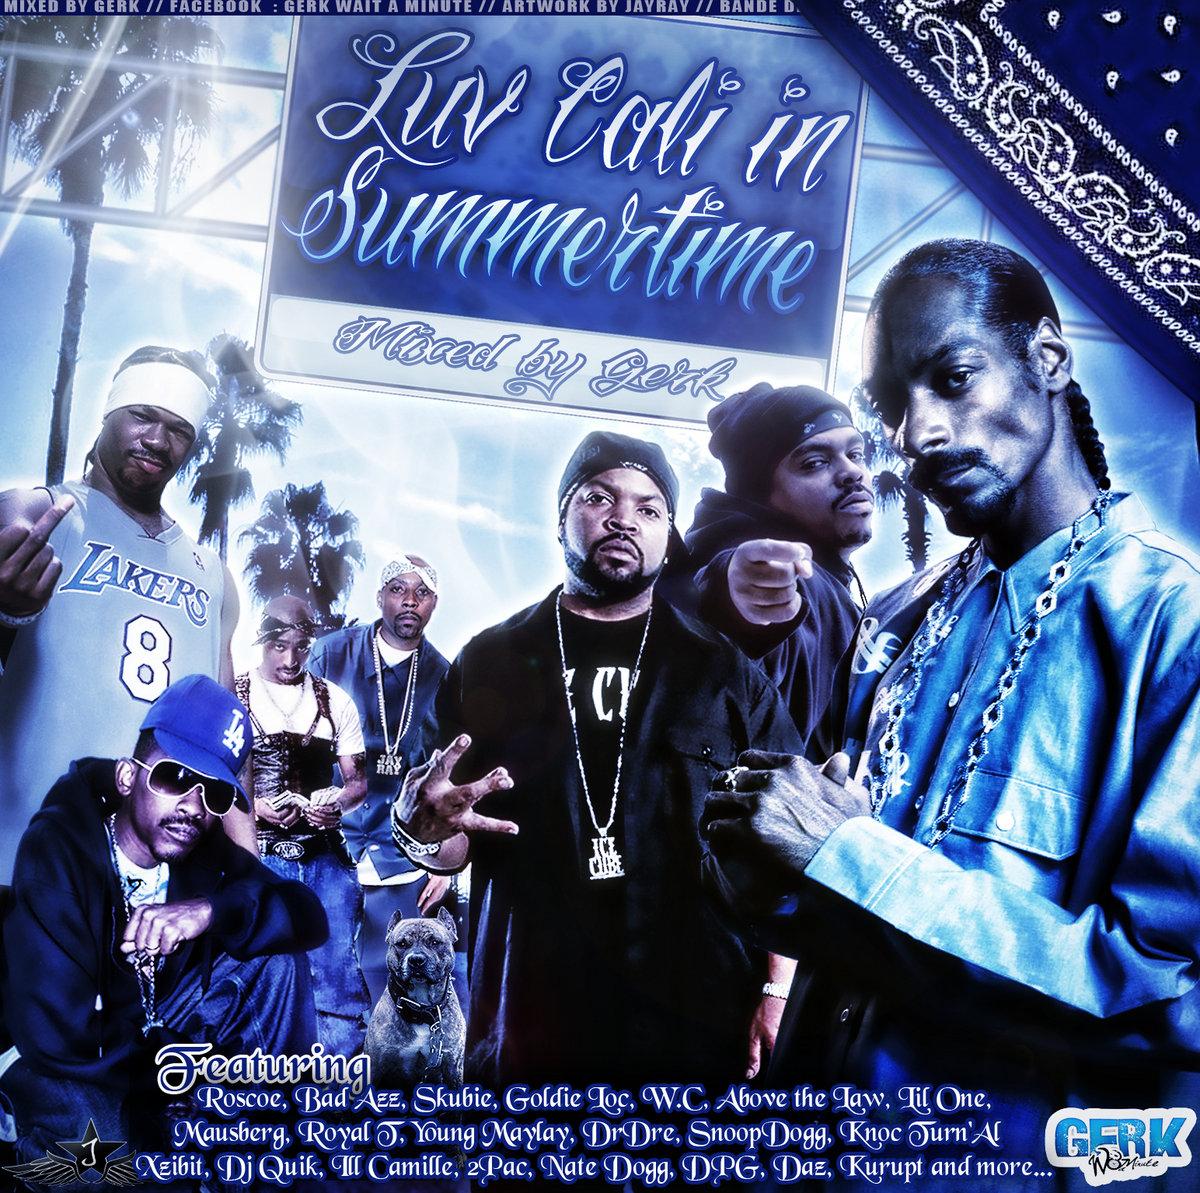 Luv Cali In Summertime - Gerk W8 A Minute | Gerk W8 a Minute